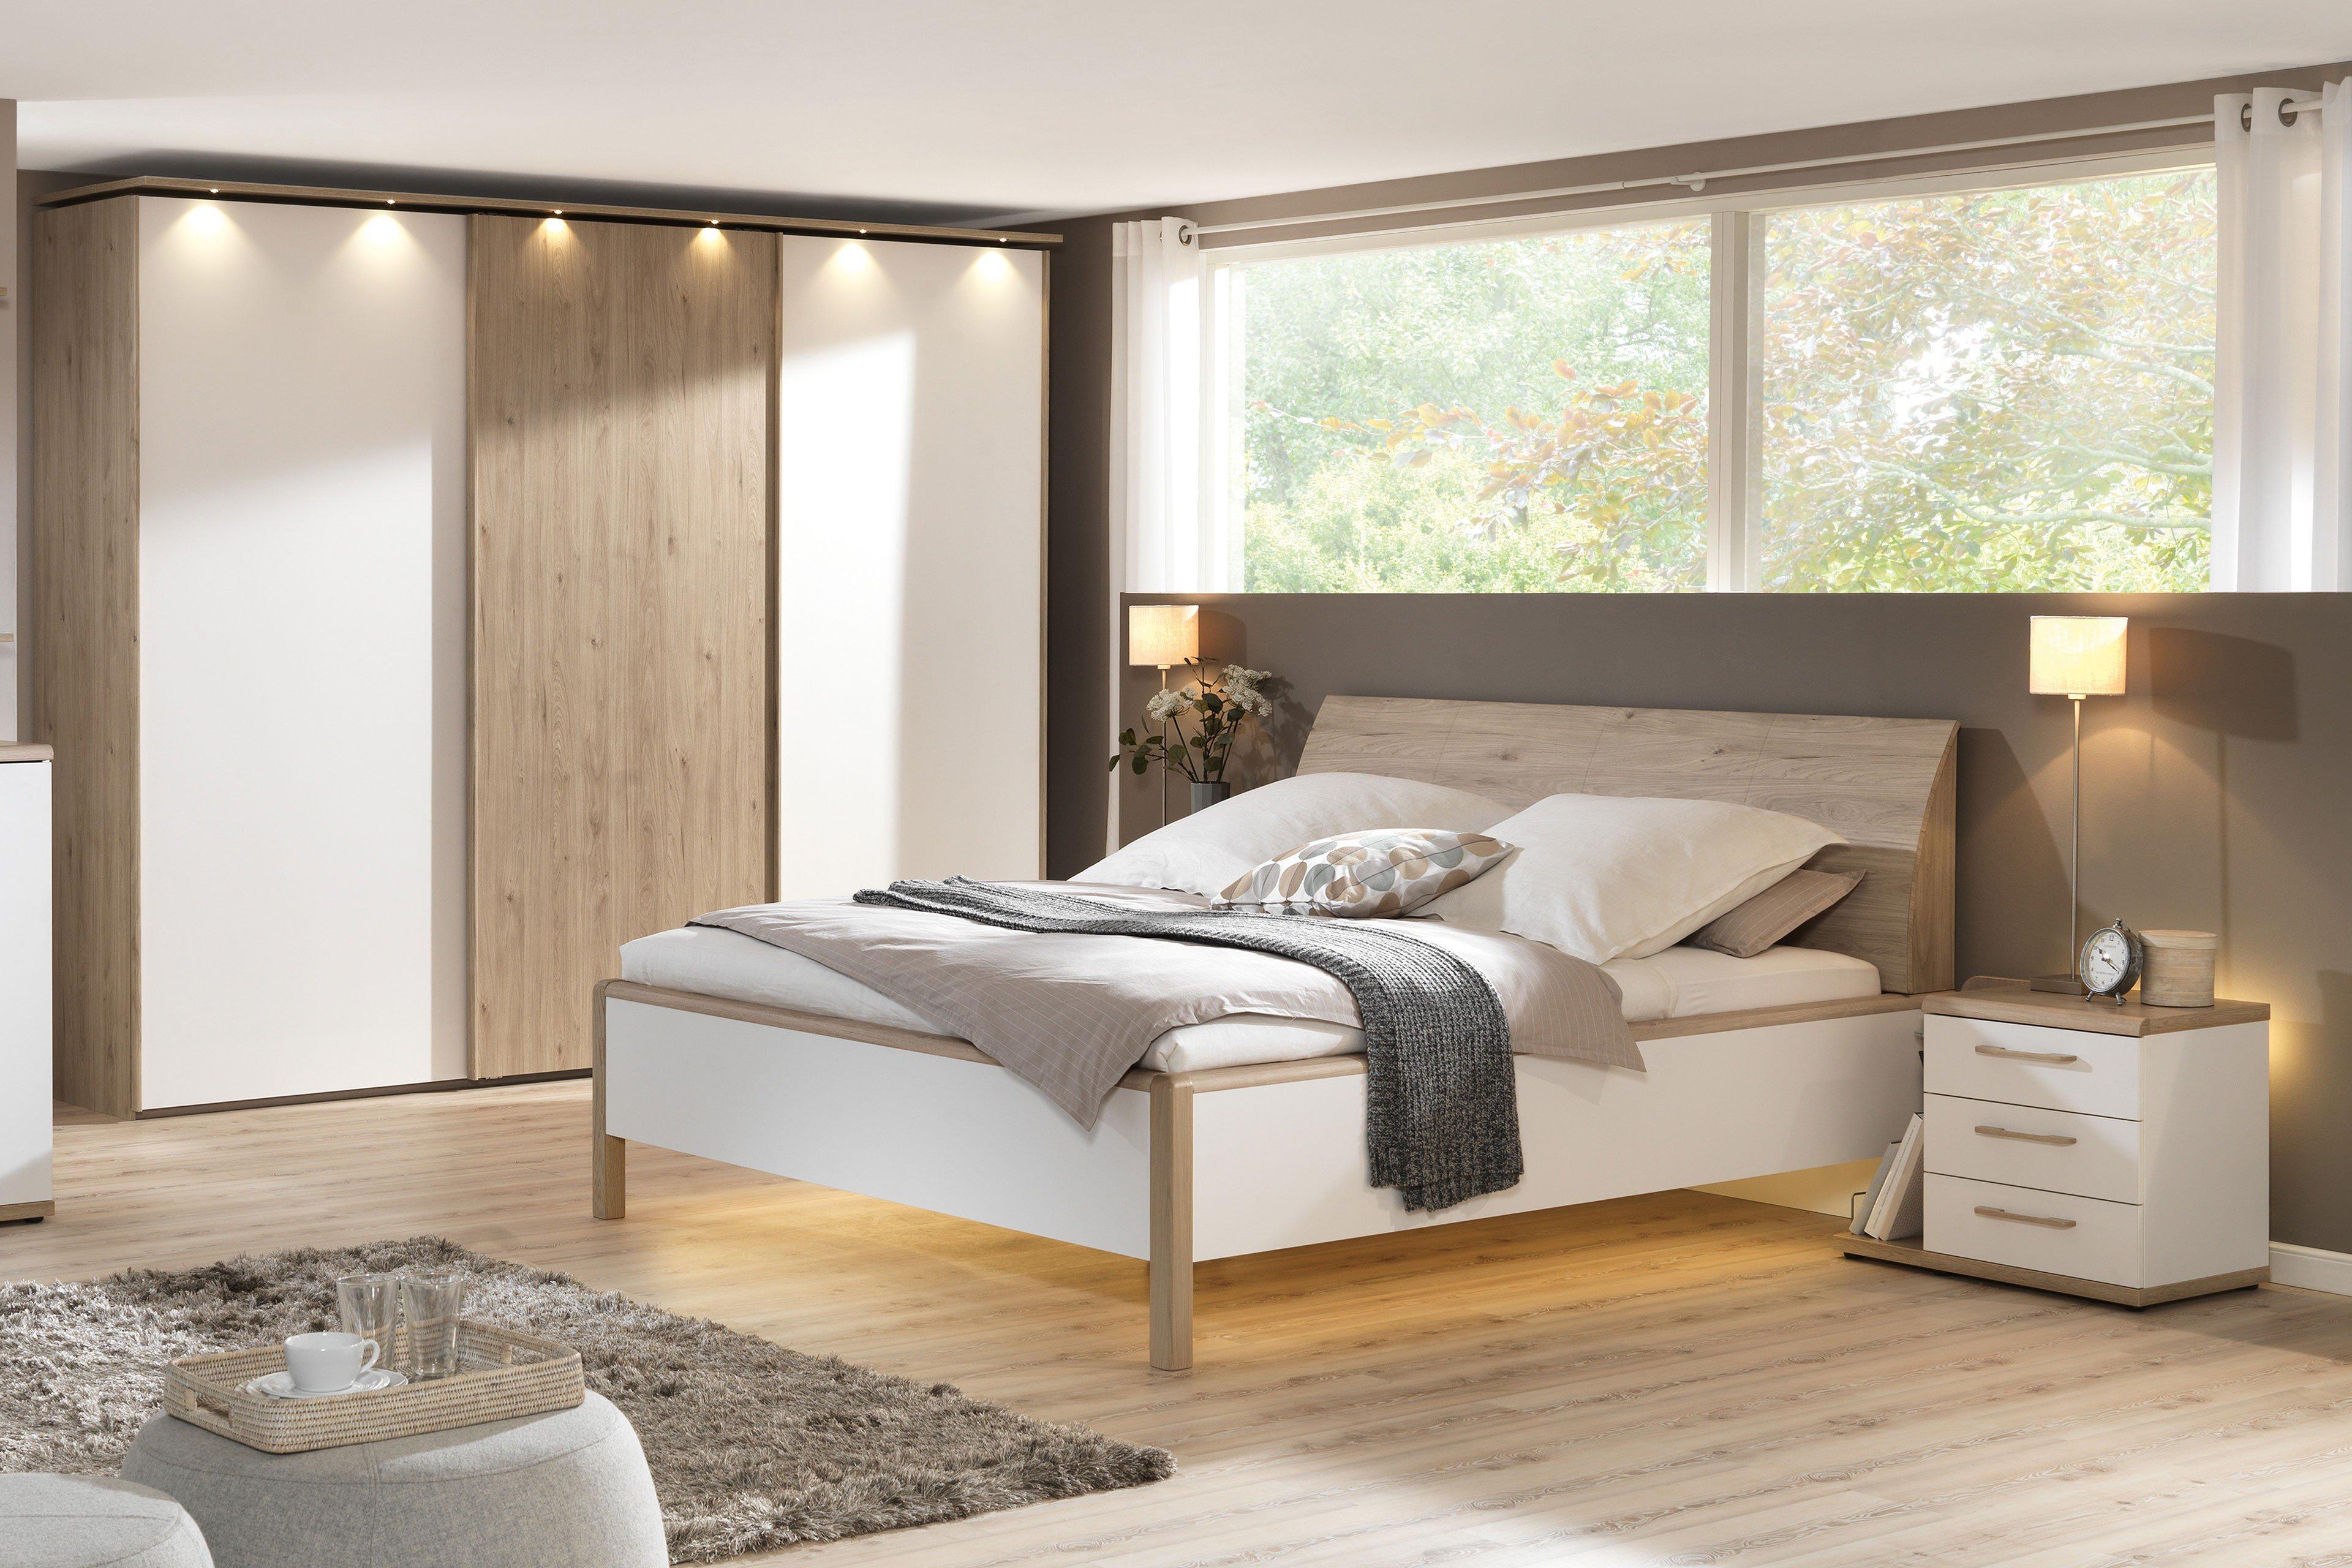 Wellemöbel Komplett-Schlafzimmer Ageless Living | Möbel Letz - Ihr ...